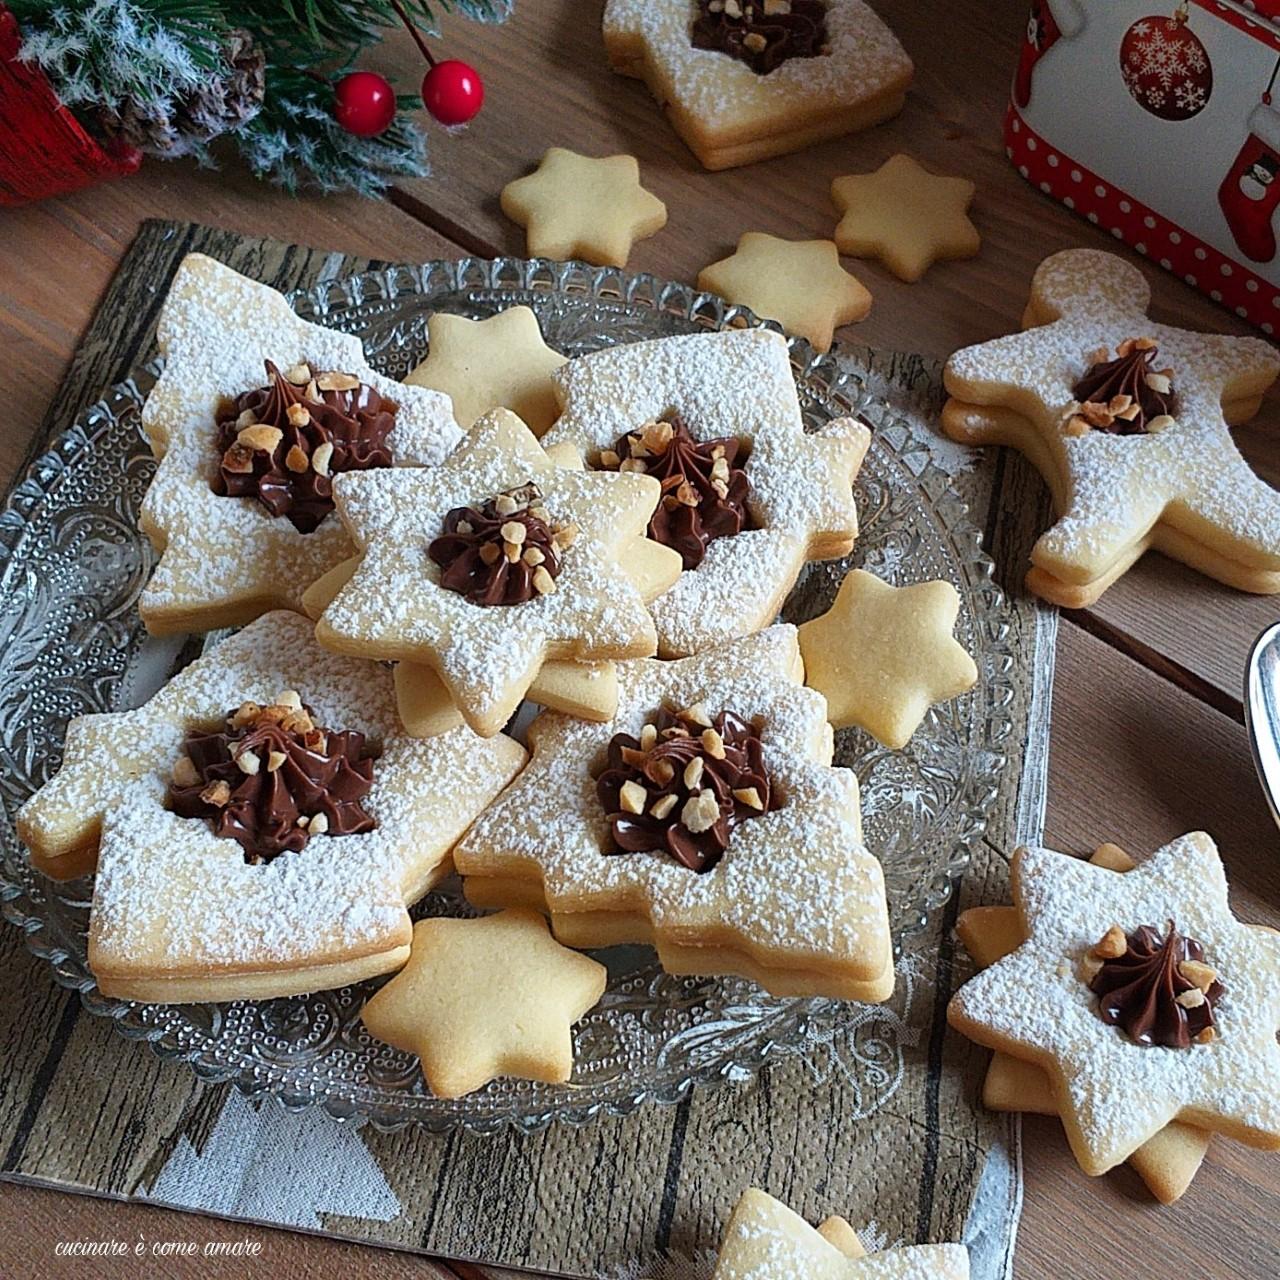 Ricetta Biscotti Di Natale.Biscotto Di Natale Con Nutella